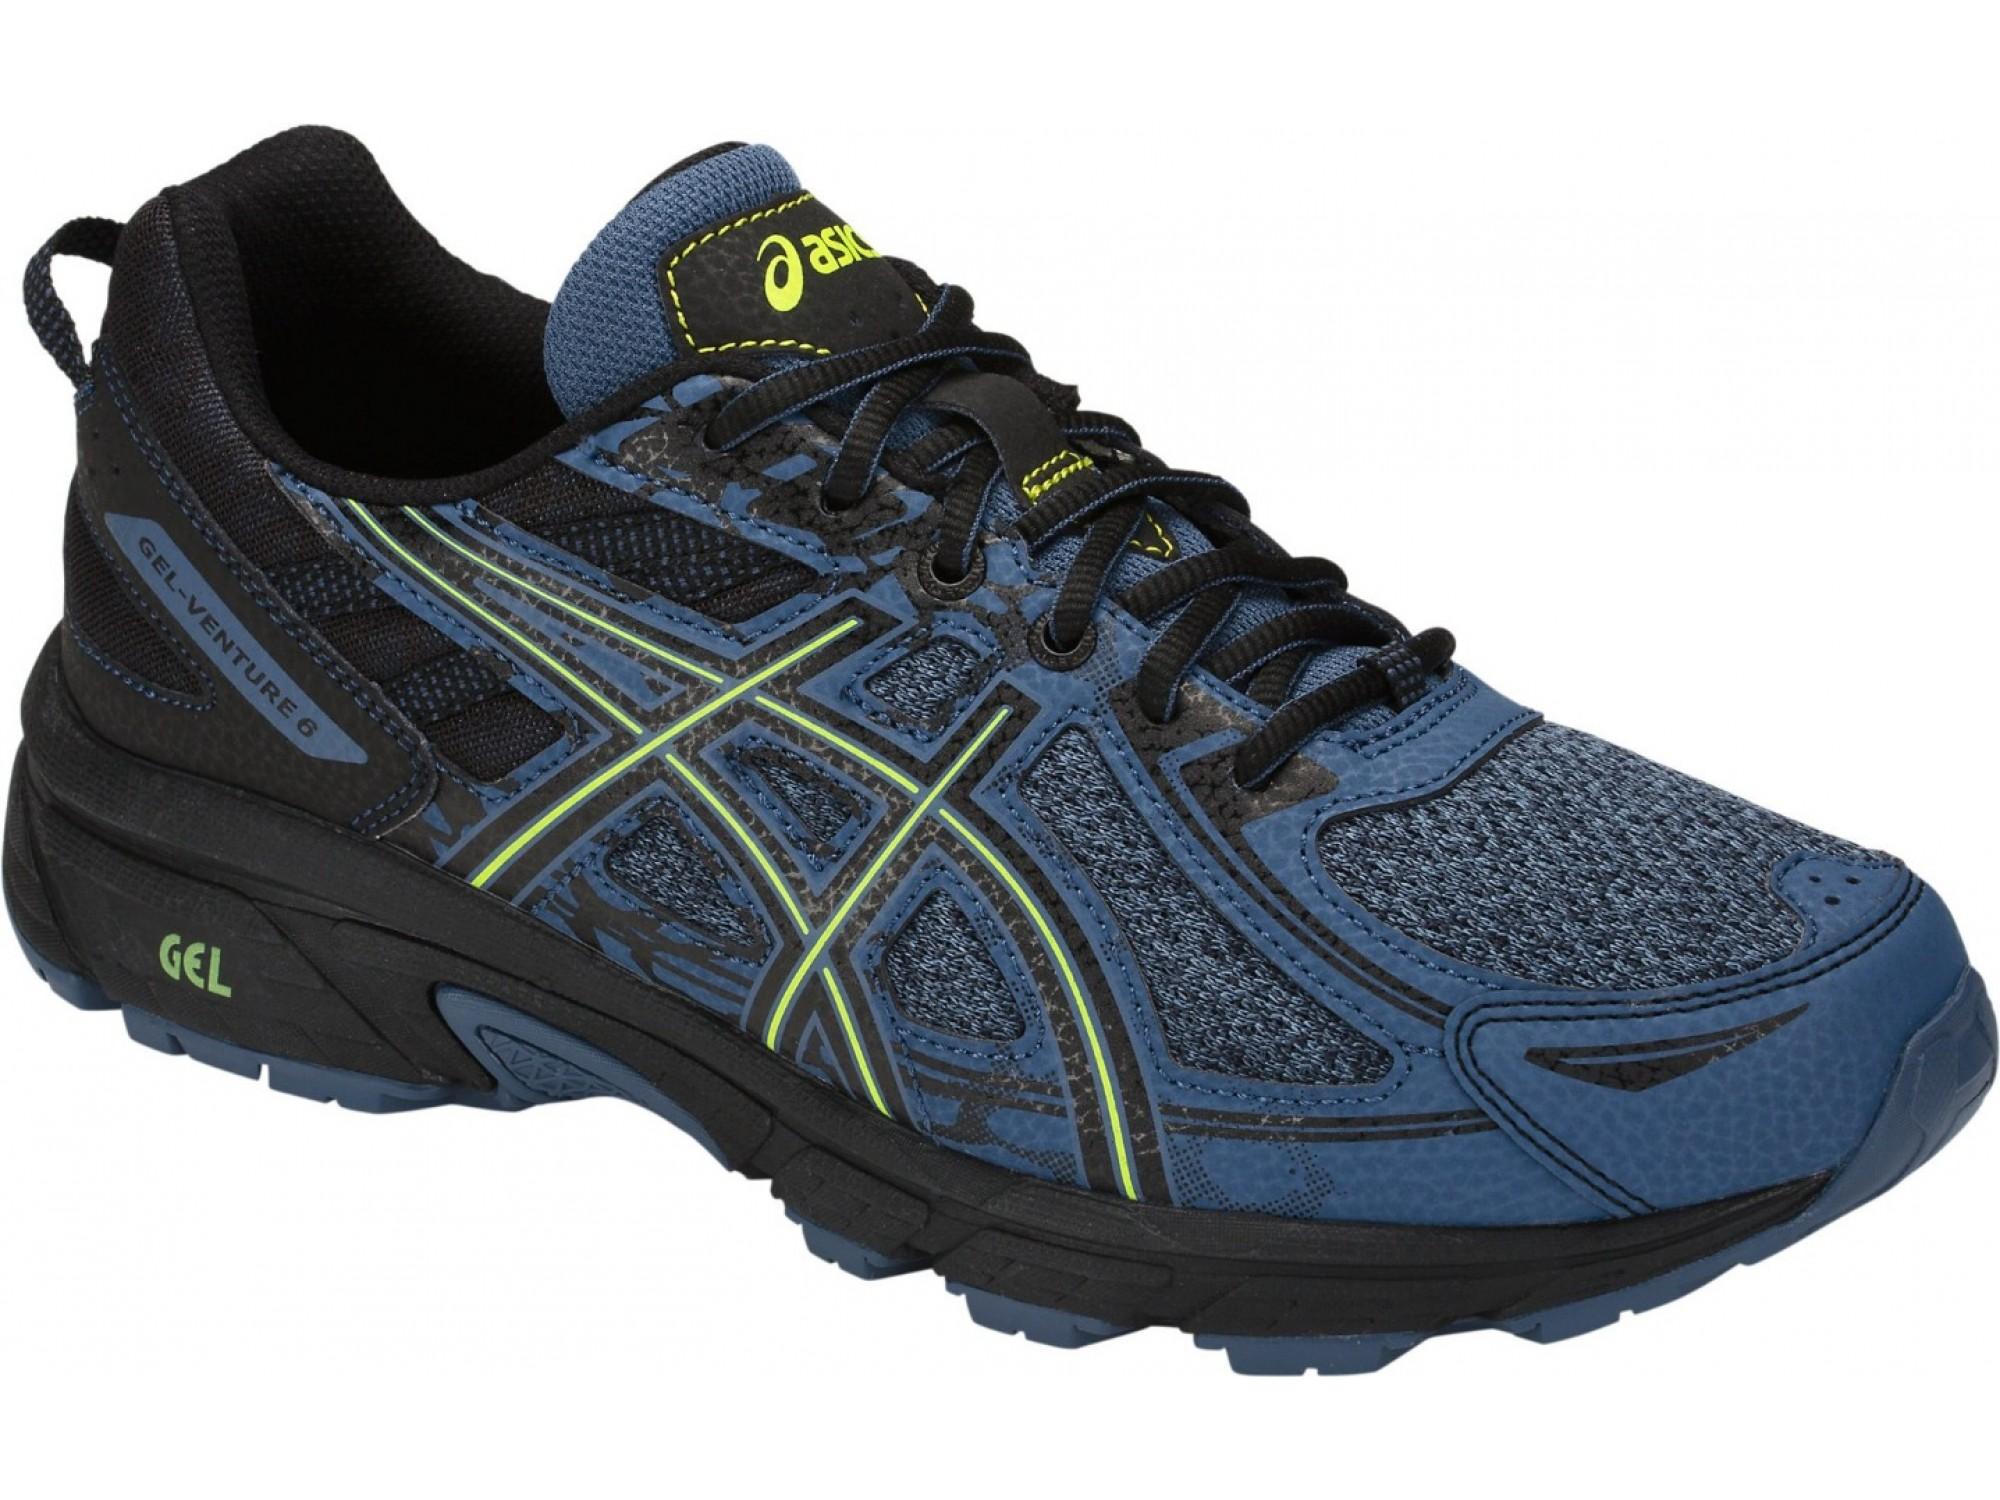 f2cebc2c ASICS Gel-Venture 6 MX Беговые кроссовки 1011A591-400 купить в ...